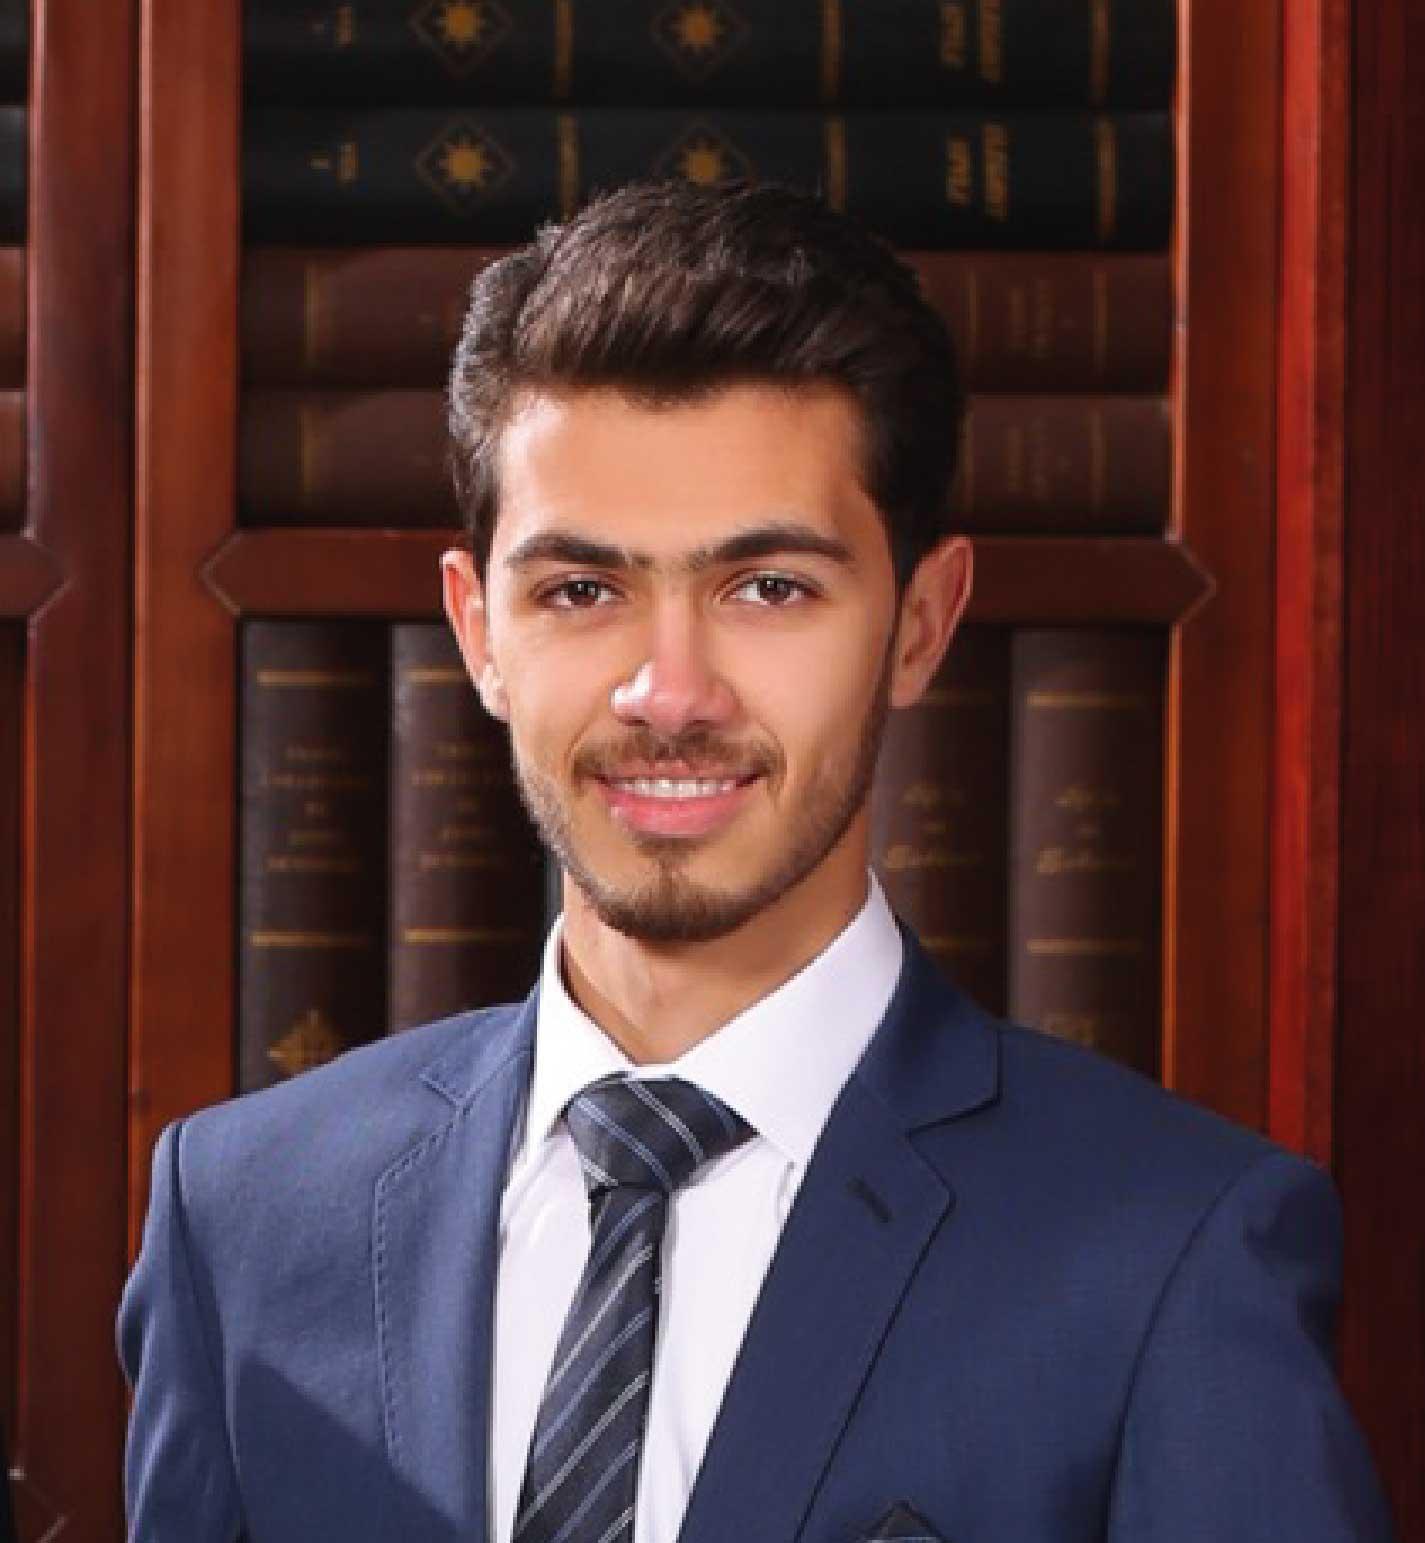 Eng. Mustafa Hashem